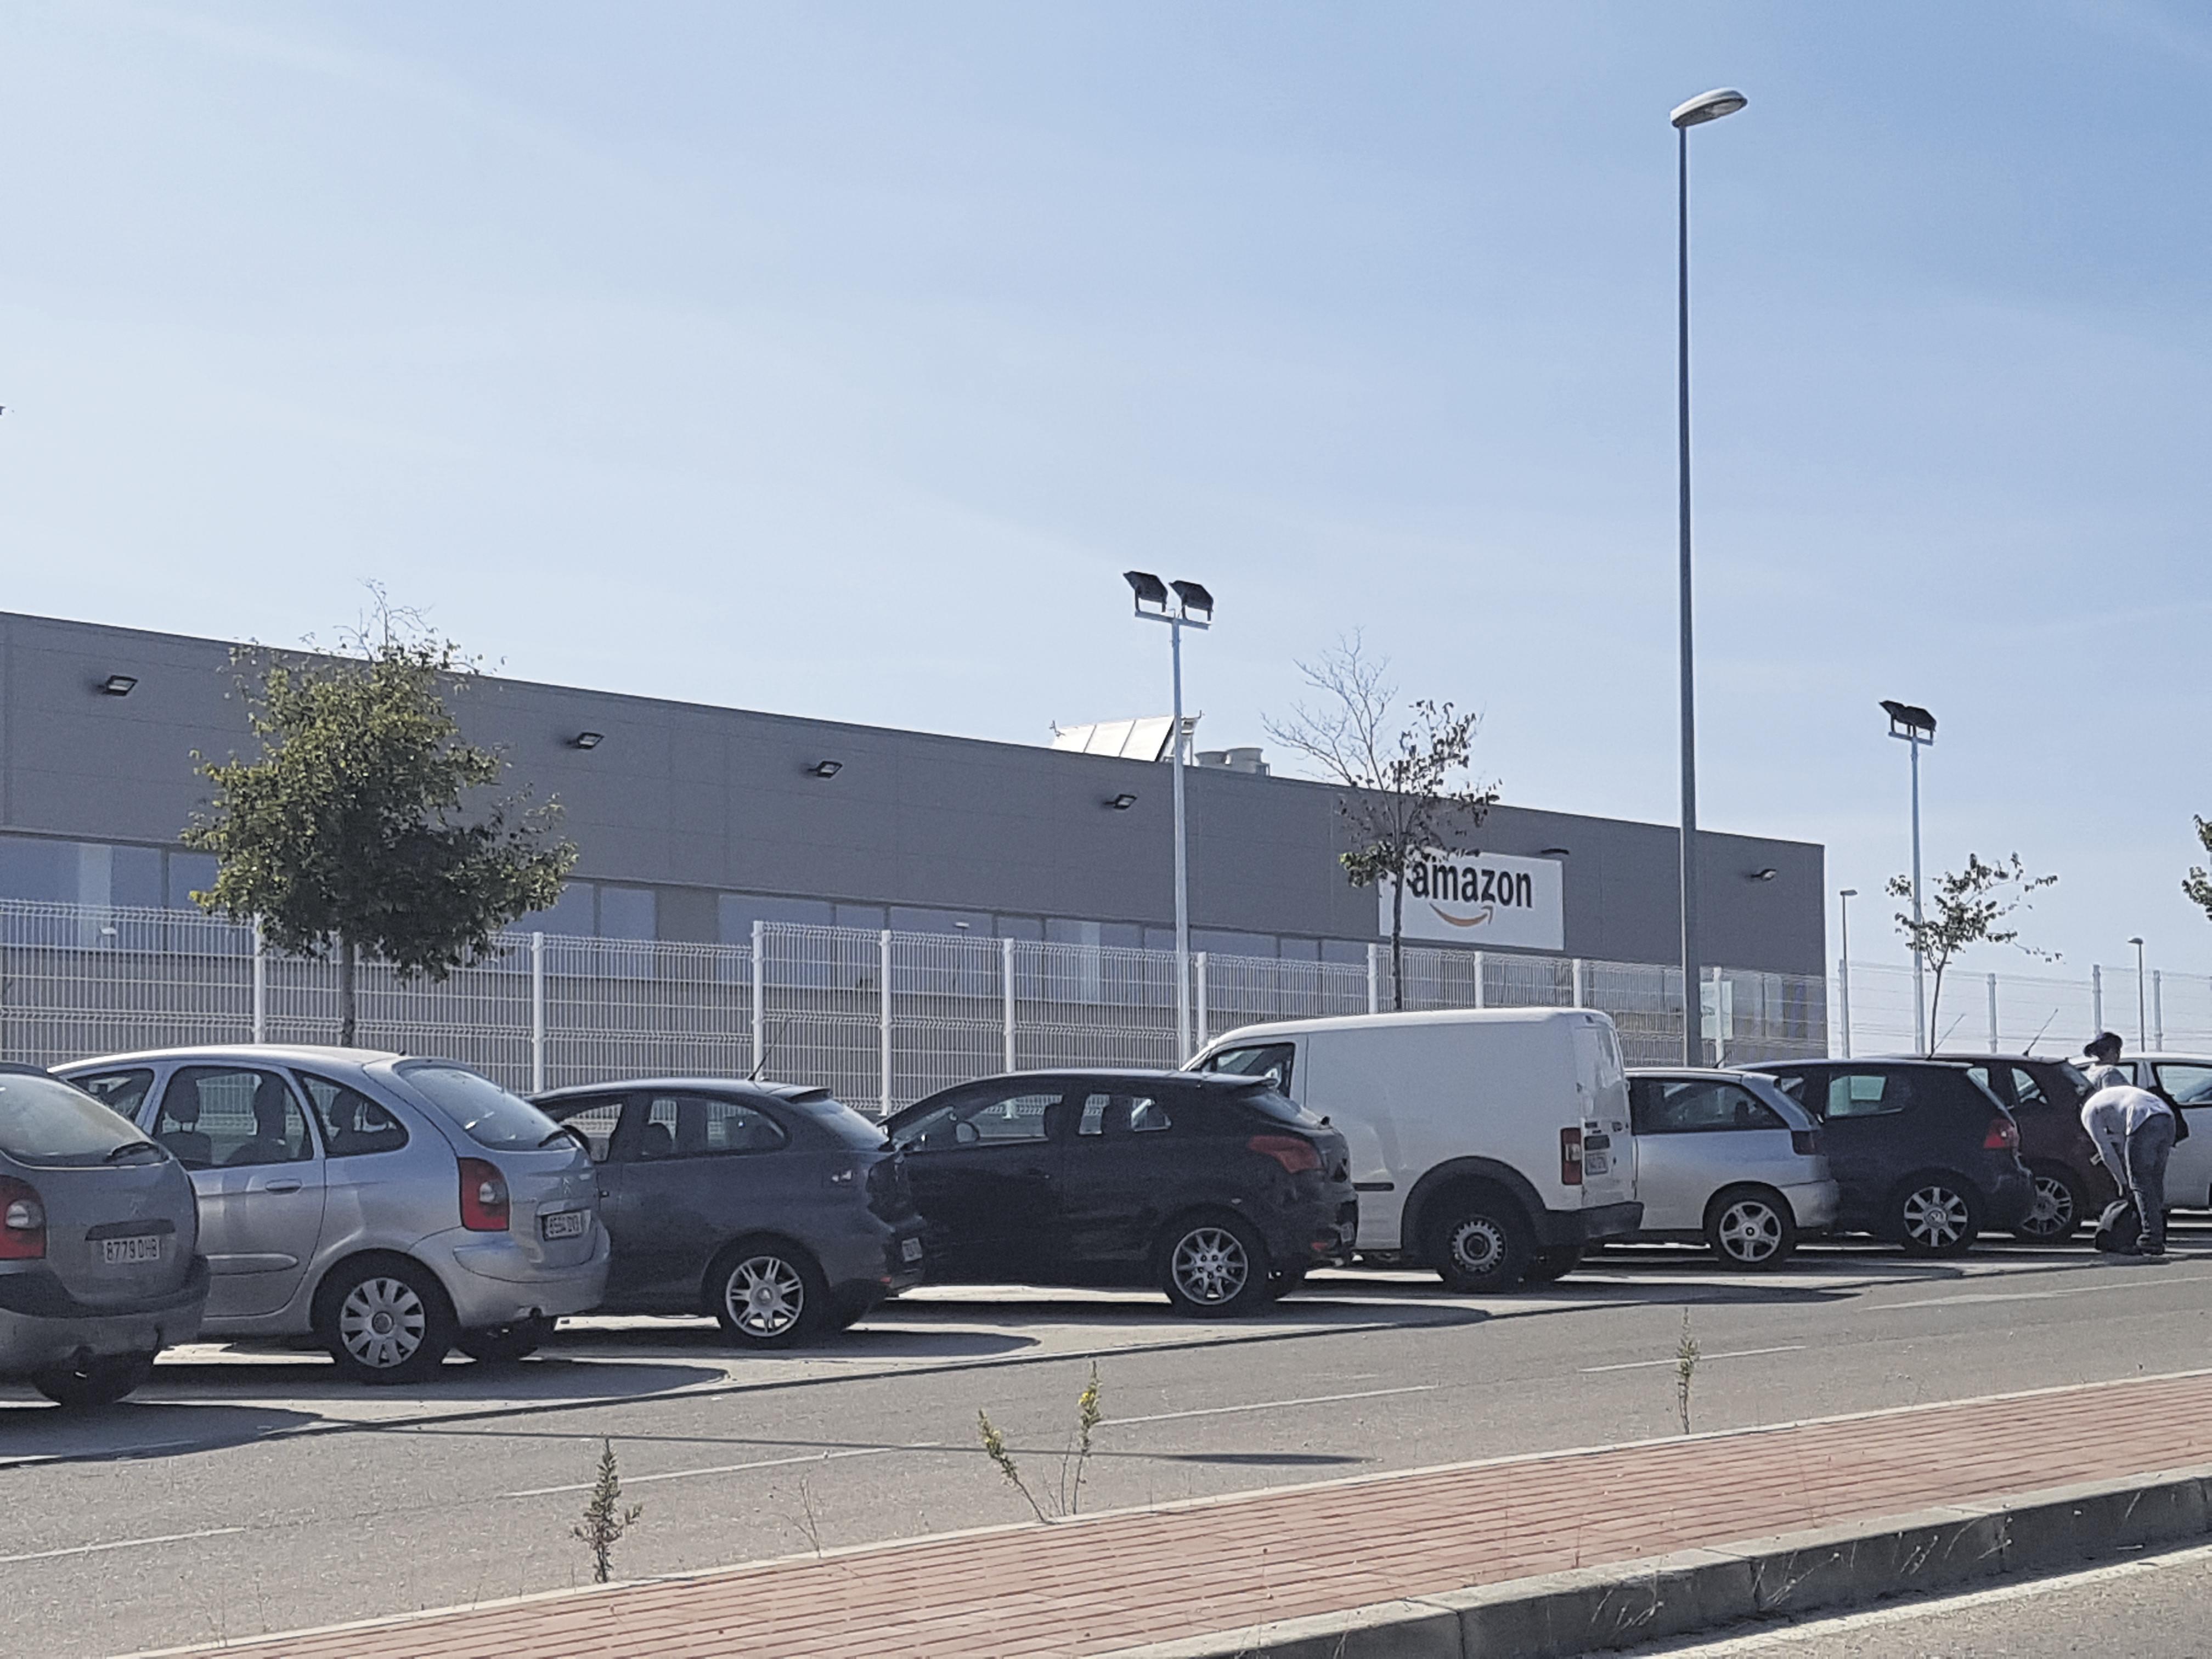 caf4636d3e5 Amazon abre una estación de su red logística en Alcobendas